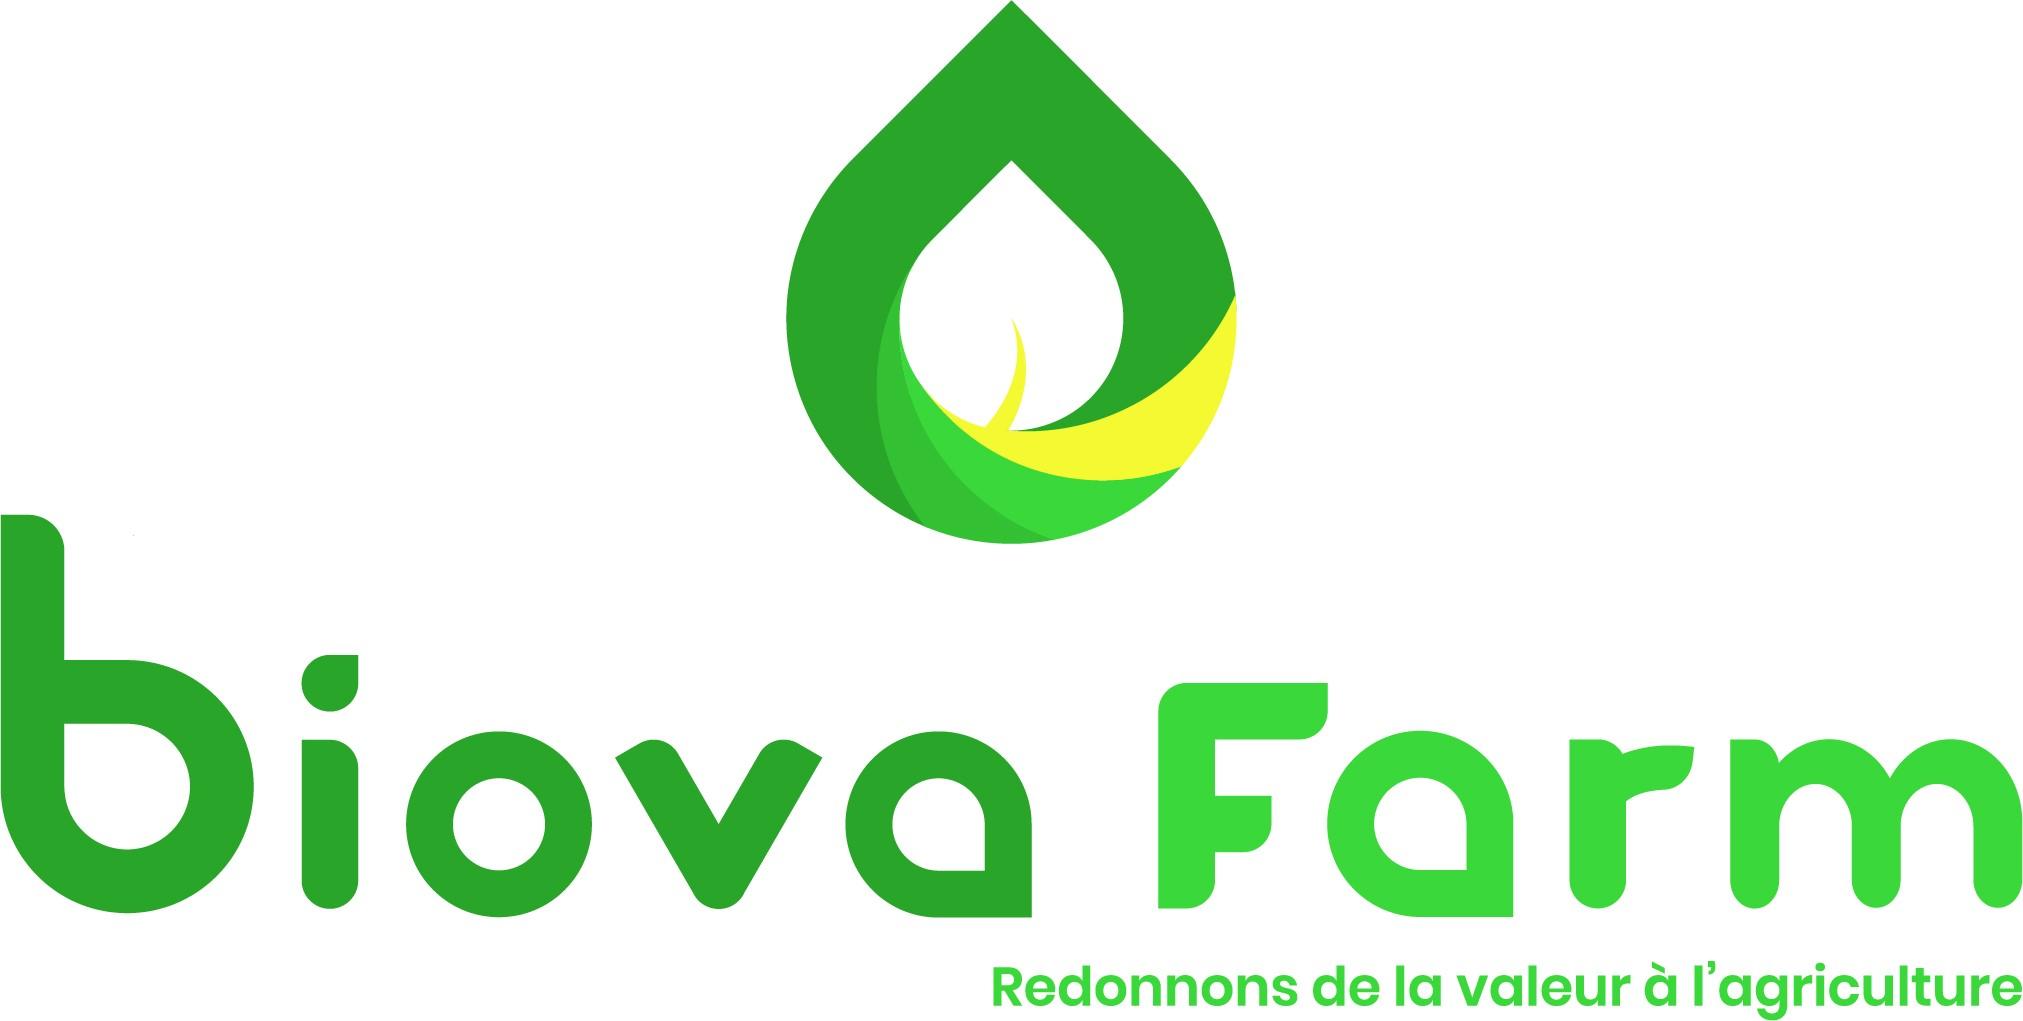 Biova Farm